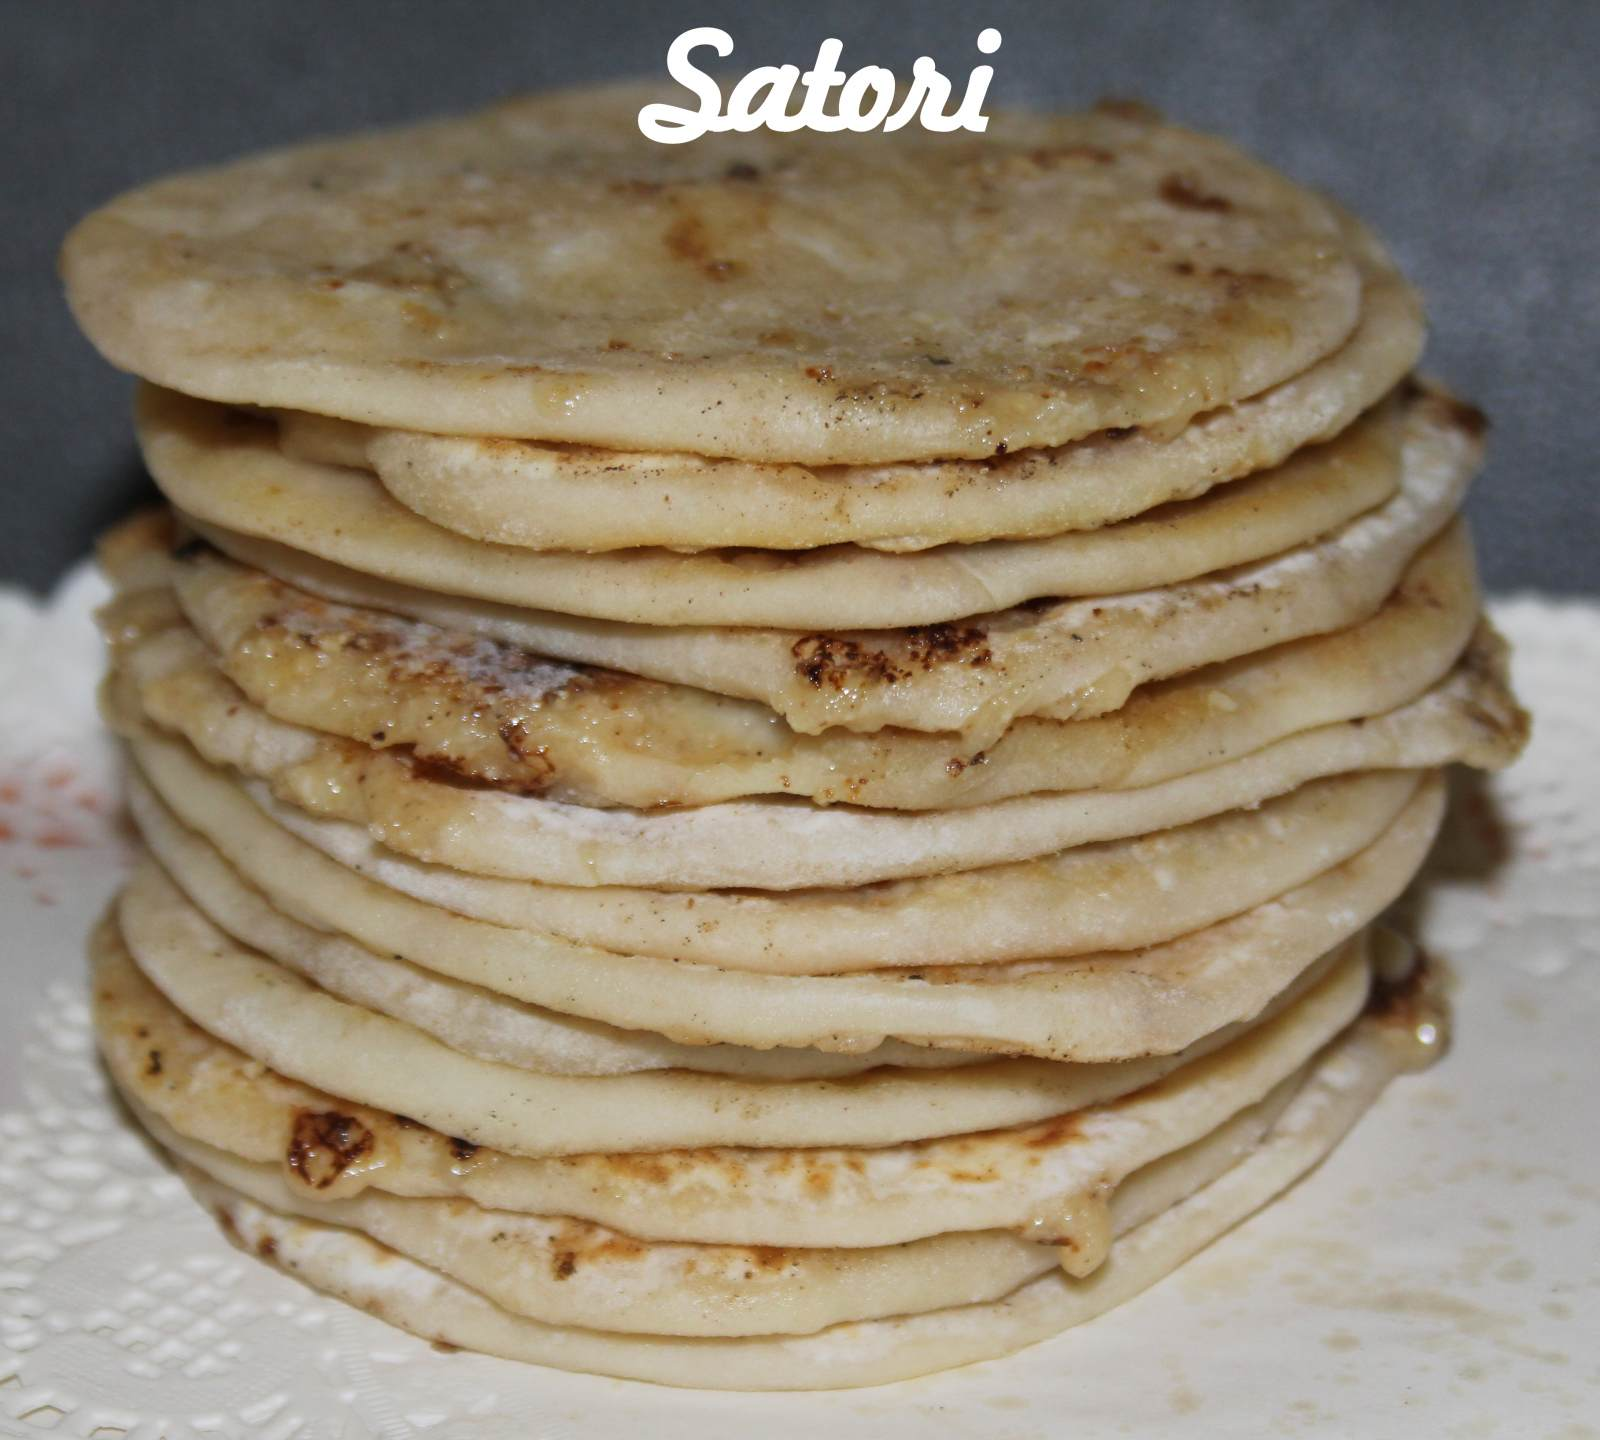 Satori recipe maharashtrian mawa flat bread by archanas kitchen satori recipe maharashtrian mawa flat bread forumfinder Images